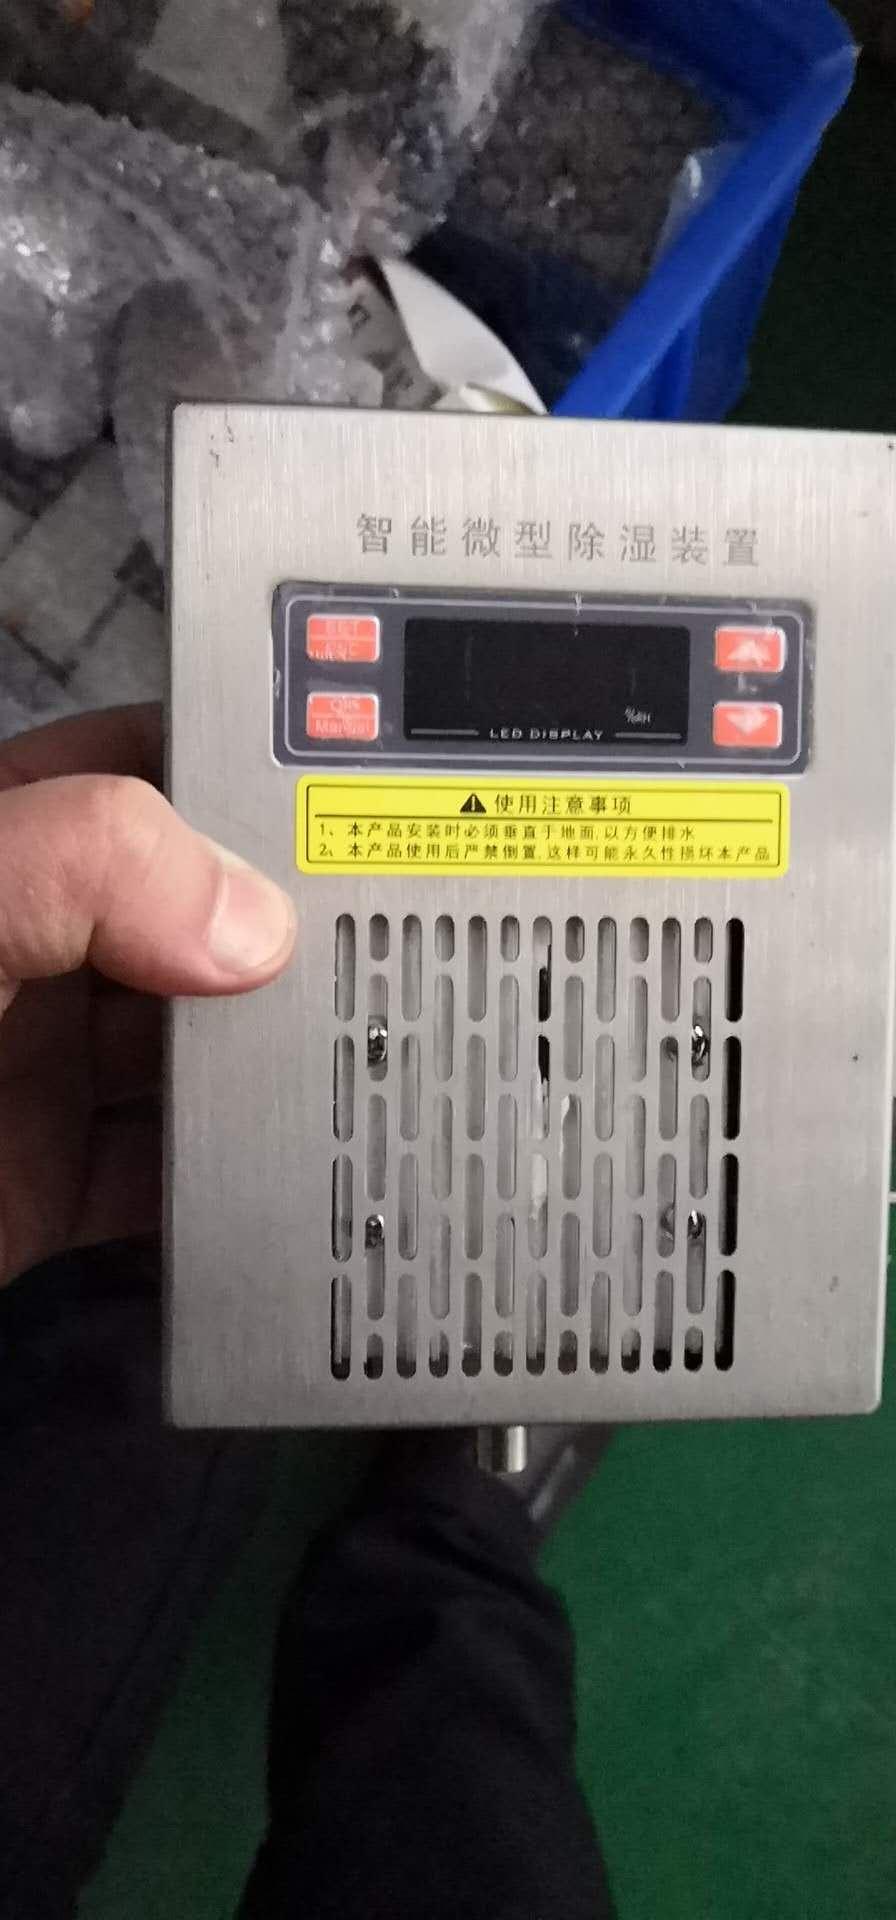 高邮ZBBZ-63/1C-16A小型断路器供应阜新怎么代理?